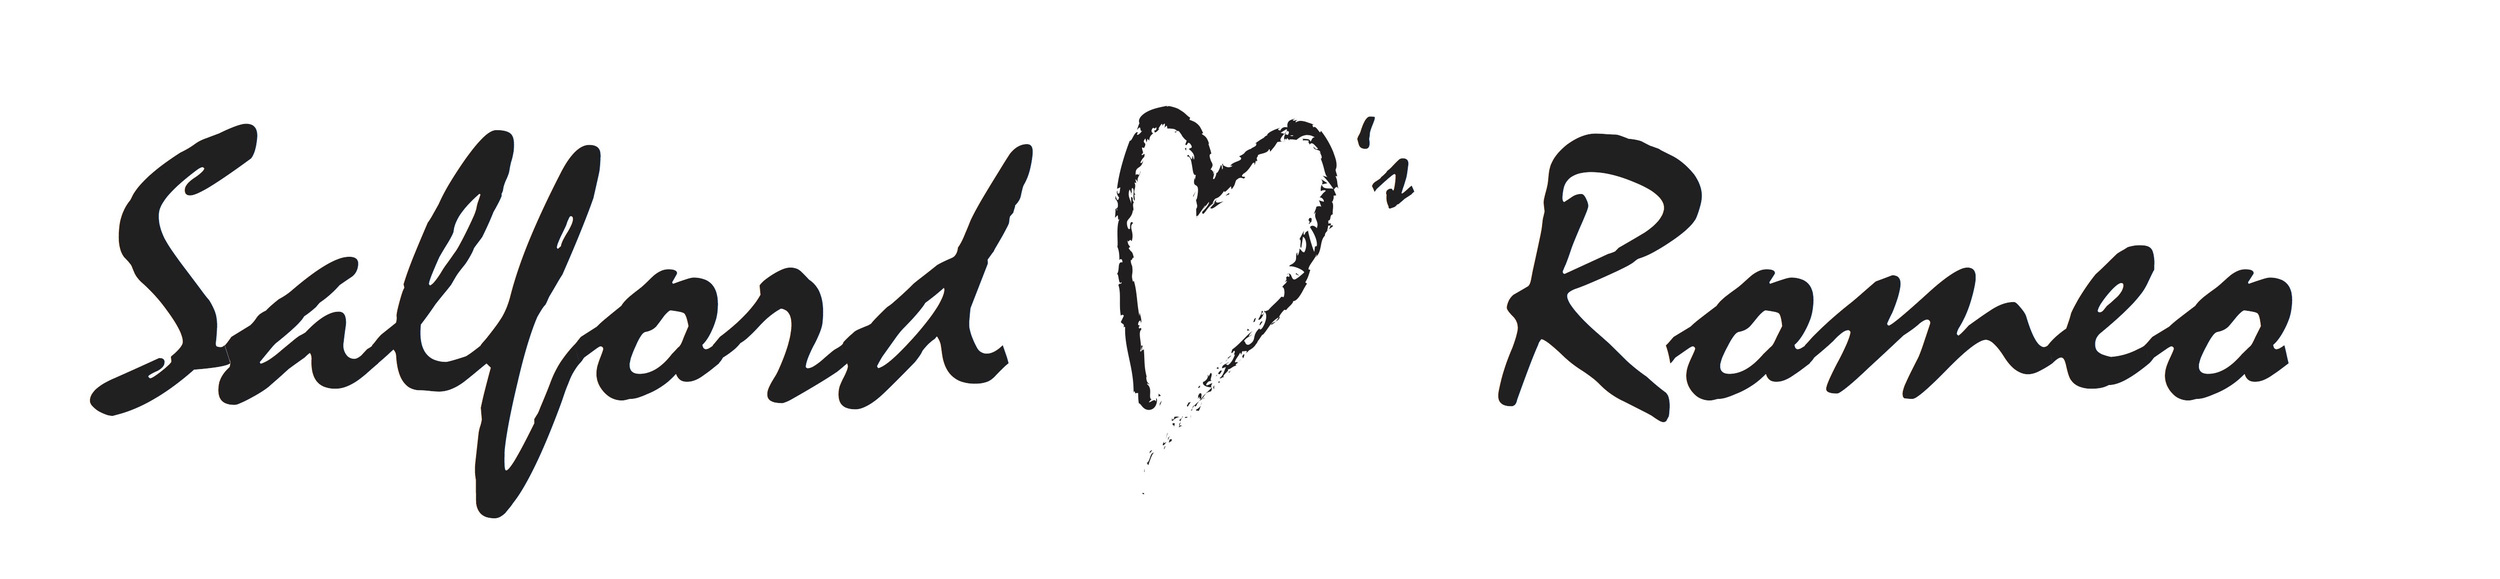 romeo logo.jpg